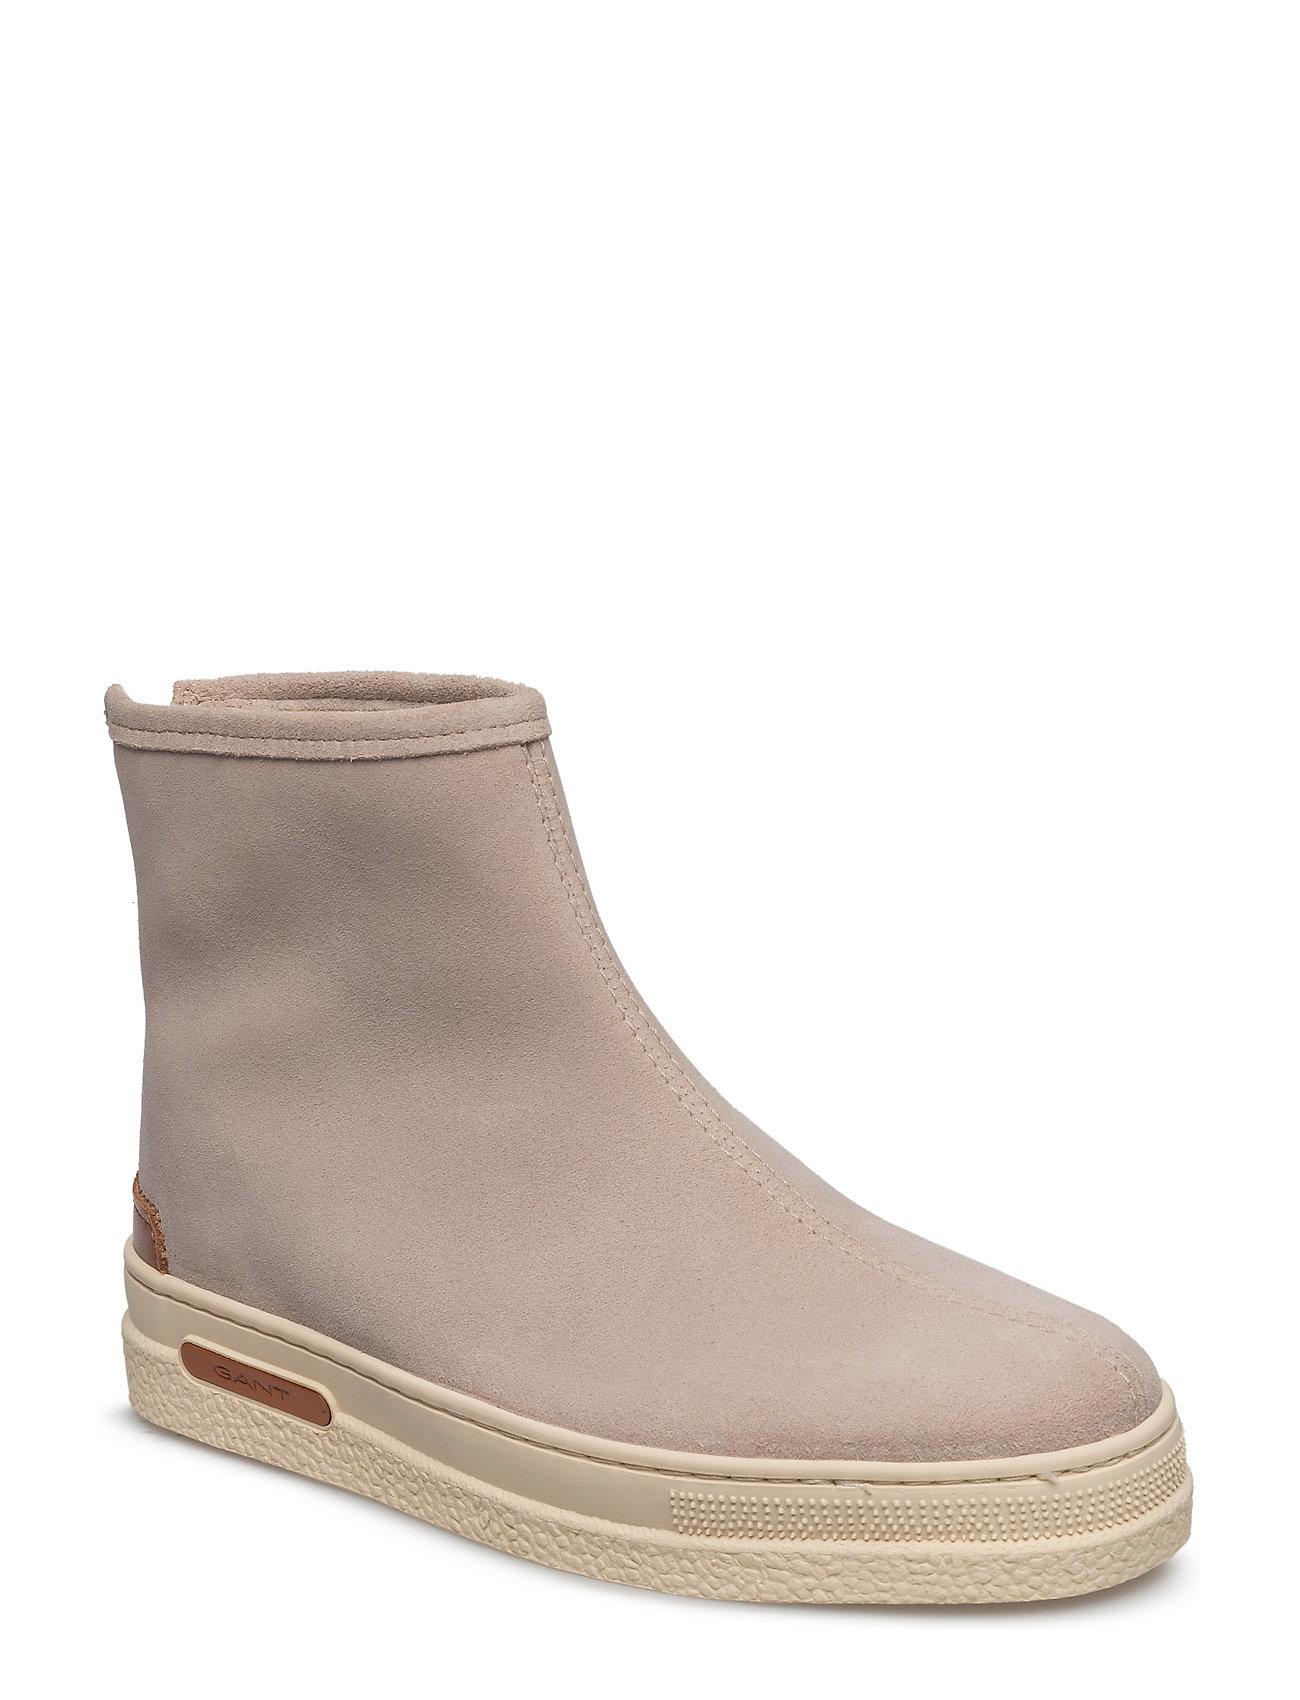 e56e150d9acc Cognac farvet LBDK sandal på hvid sål Lbdk Sandaler til Damer i ...